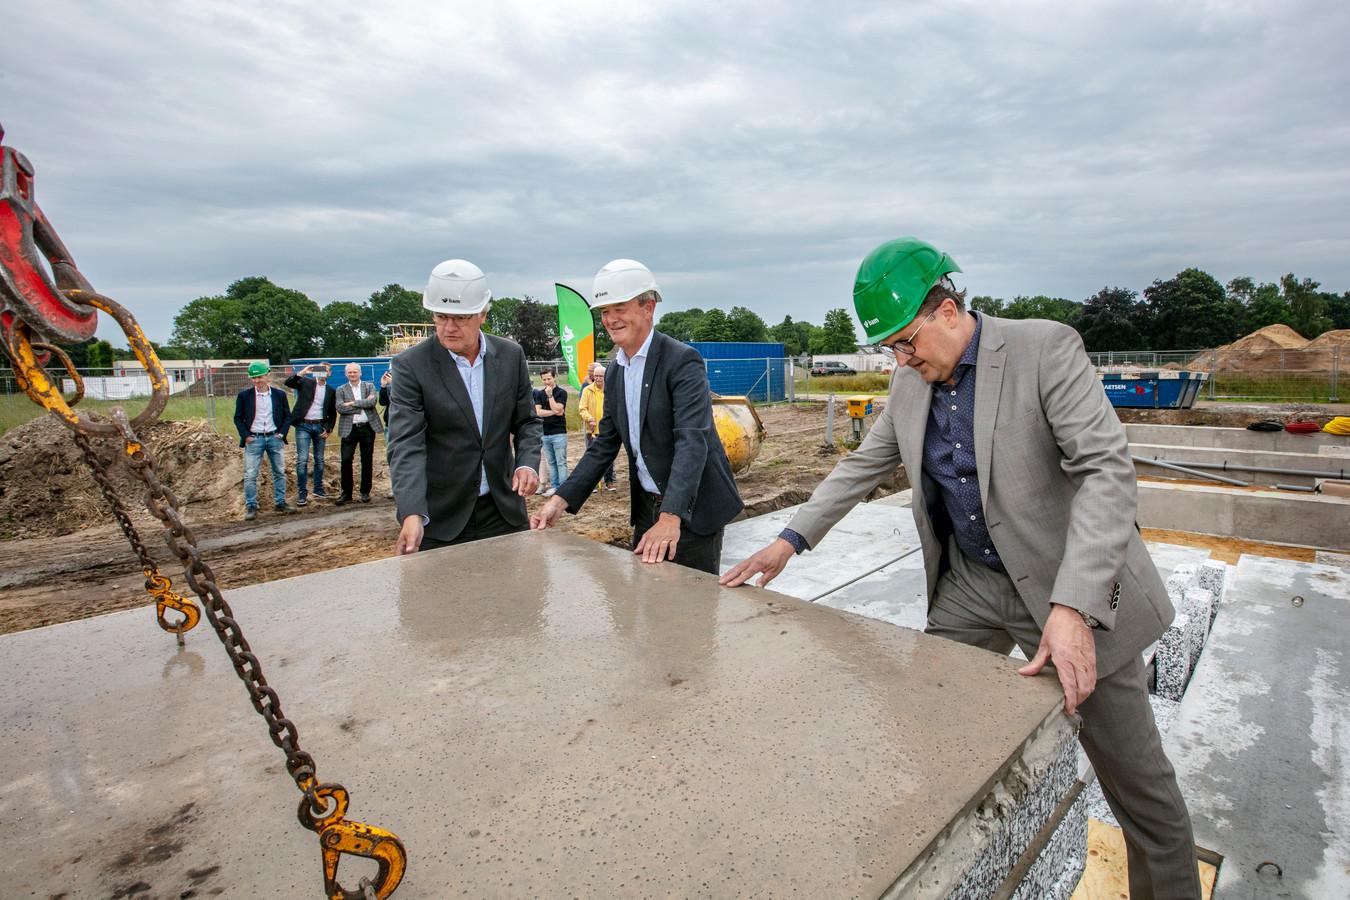 Wethouder Rien Wijdeven van Bernheze (midden) en de directeuren van toenmalige woningstichting Kleine Meierij en ontwikkelaar BAM Wonen gaven in 2018 het startsein voor de bouw van sociale huurwoningen op Rodenburg in Heeswijk-Dinther.